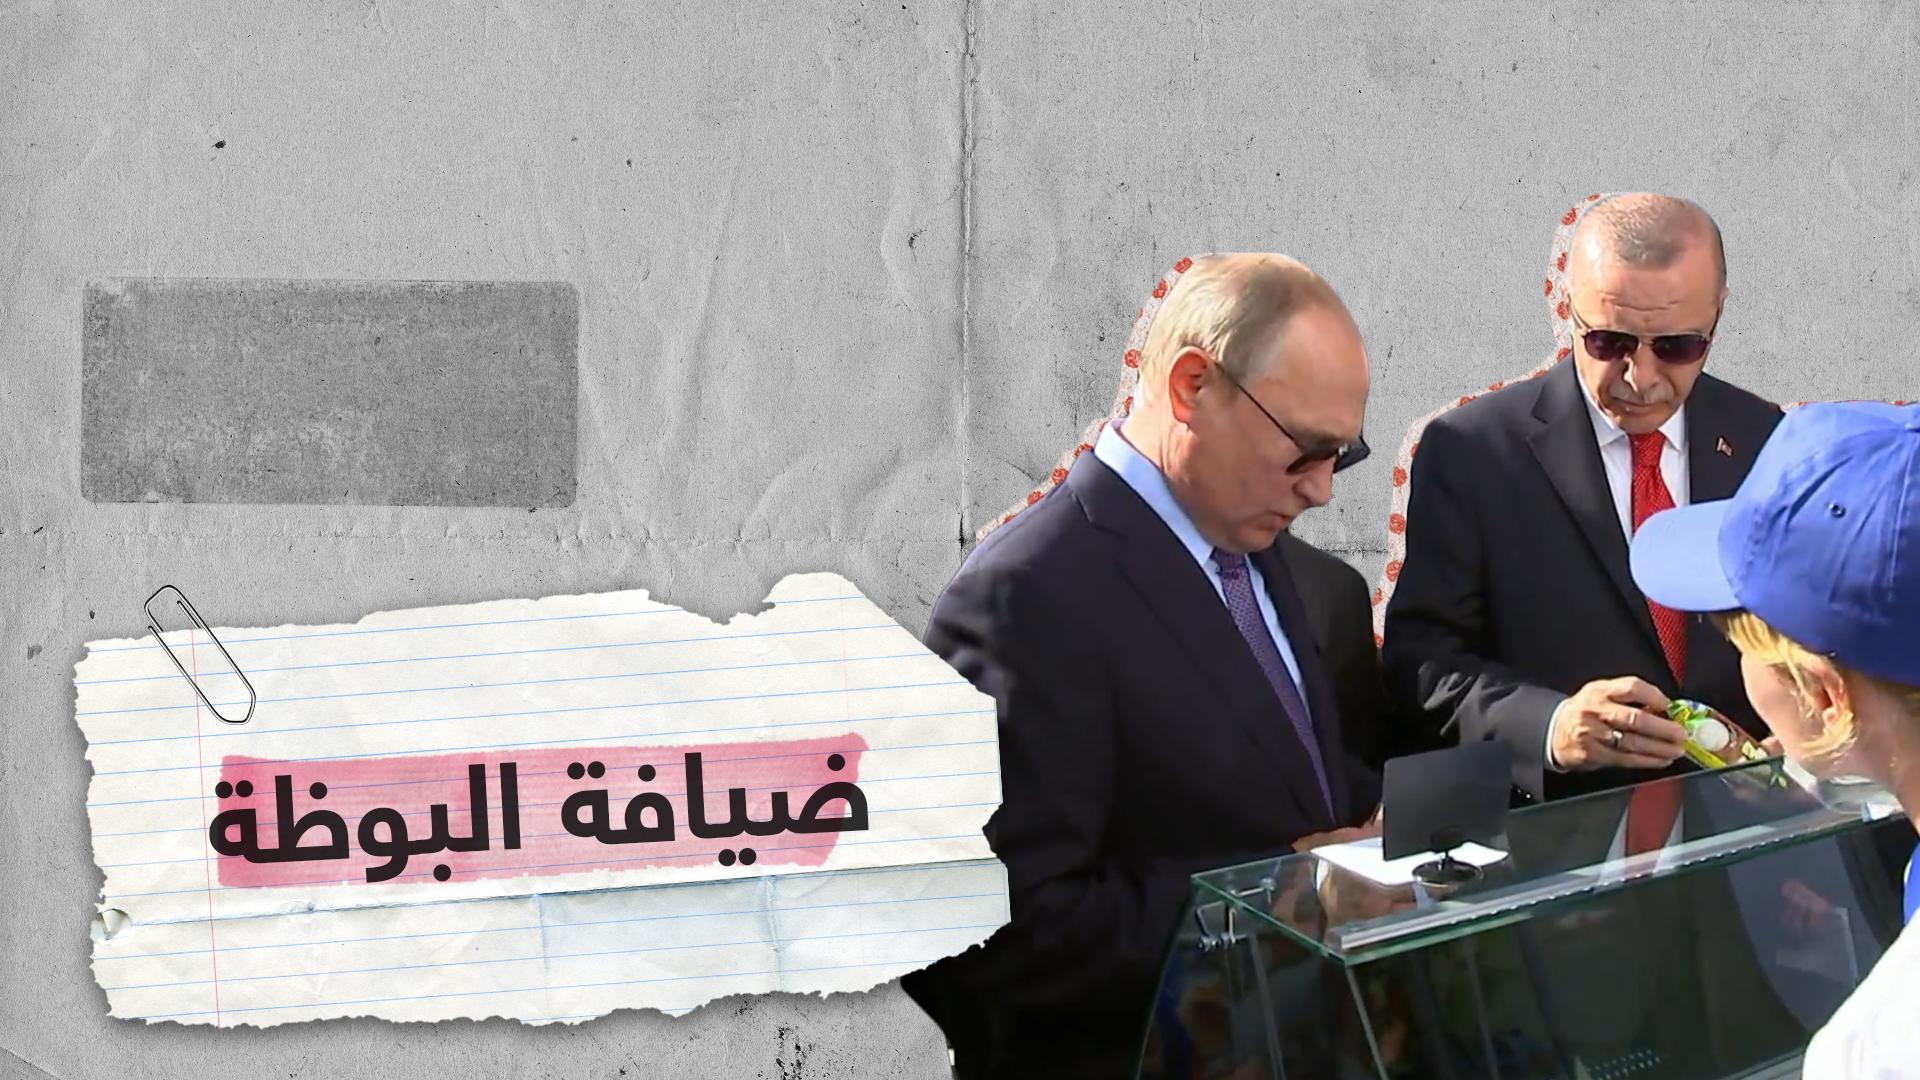 حوار بين بوتين وأردوغان أثناء تناول المثلجات (فيديو)